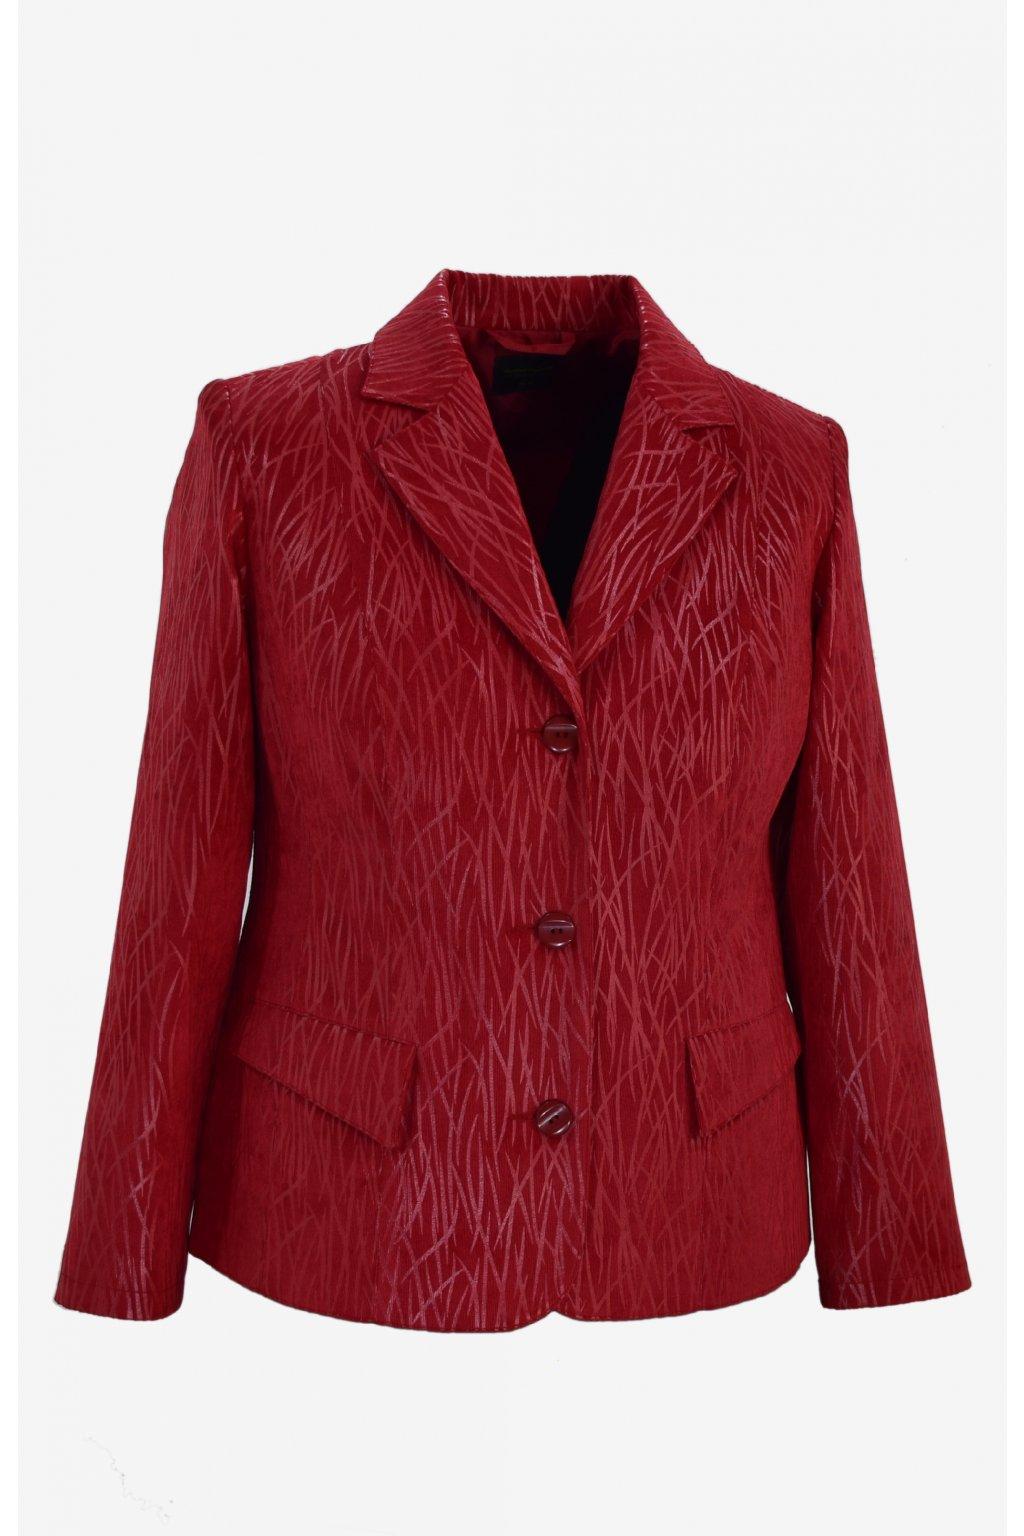 Dámské sako Manon-červený vzor